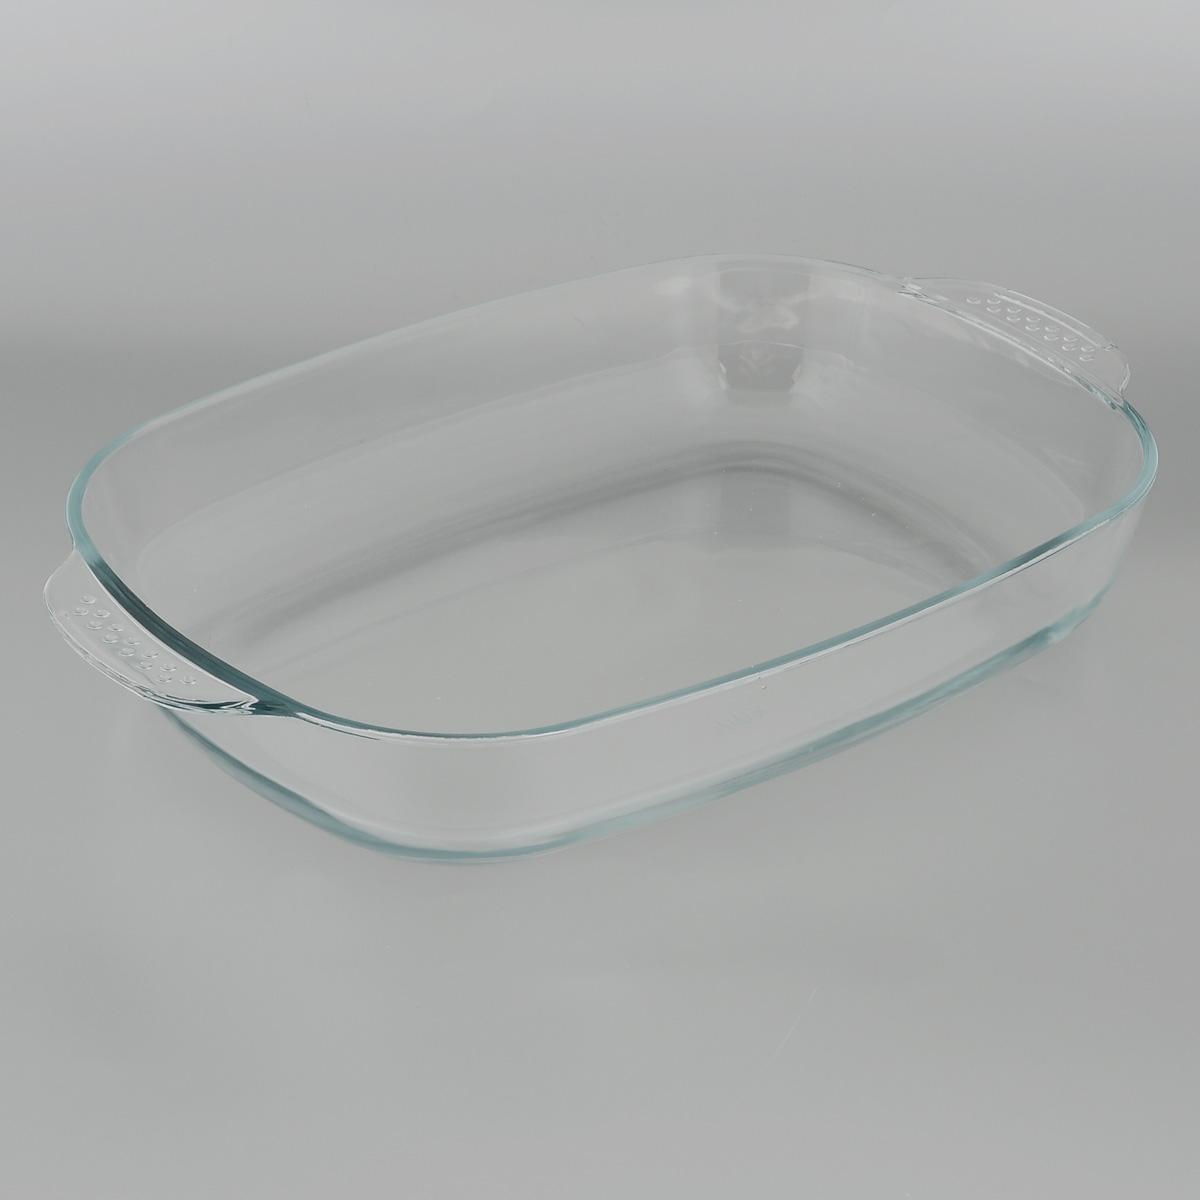 Форма для запекания Едим Дома, прямоугольная, 41 см х 26 смPVH4Прямоугольная форма для запекания Едим Дома изготовлена из жаропрочного стекла, которое выдерживает температуру до +450°С. Форма предназначена для приготовления горячих блюд. Оснащена двумя ручками. Материал изделия гигиеничен, прост в уходе и обладает высокой степенью прочности. Форма идеально подходит для использования в духовках, микроволновых печах, холодильниках и морозильных камерах. Также ее можно использовать на газовых плитах (на слабом огне) и на электроплитах. Можно мыть в посудомоечной машине. Внутренний размер формы: 35,5 см х 26 см. Внешний размер формы (с учетом ручек): 41 см х 26 см. Высота стенки формы: 6 см.